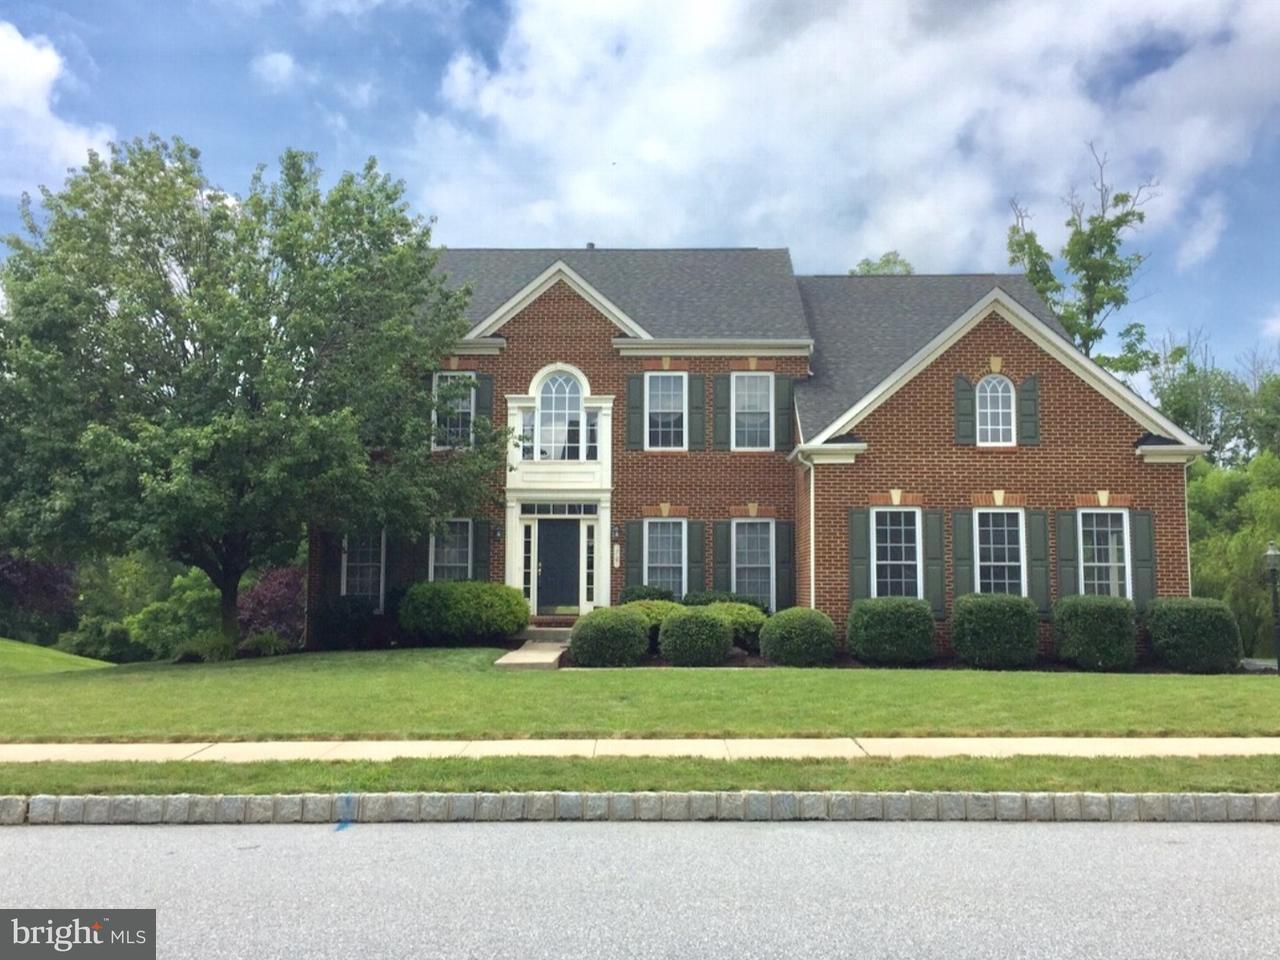 Частный односемейный дом для того Продажа на 70 PAGE Lane Oaks, Пенсильвания 19456 Соединенные Штаты